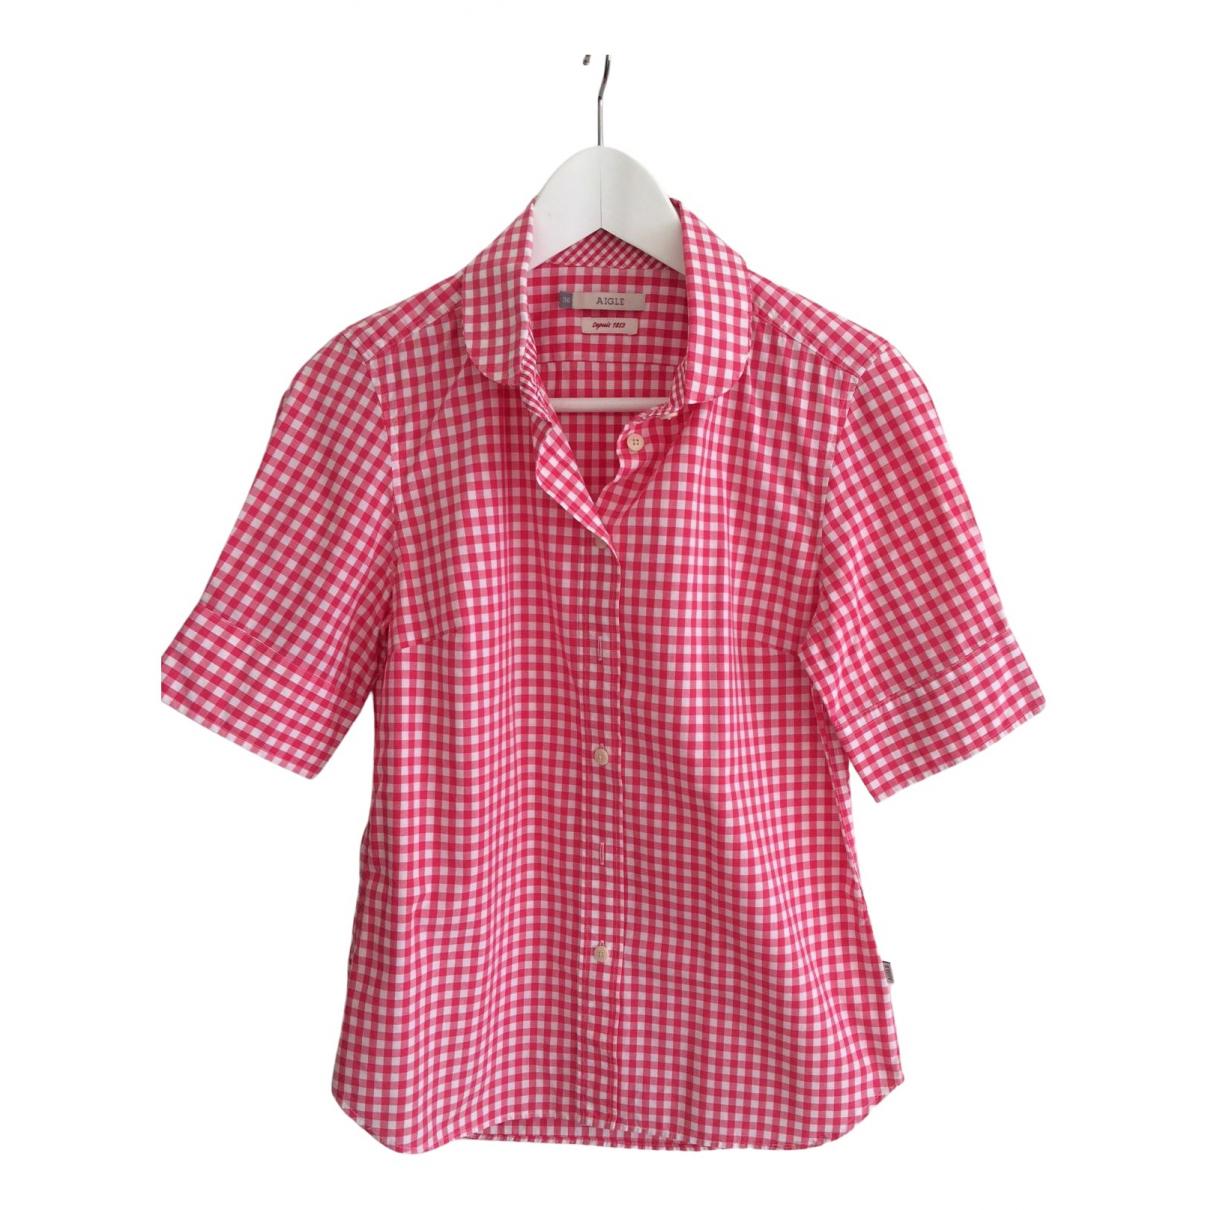 Aigle - Top   pour femme en coton - rouge